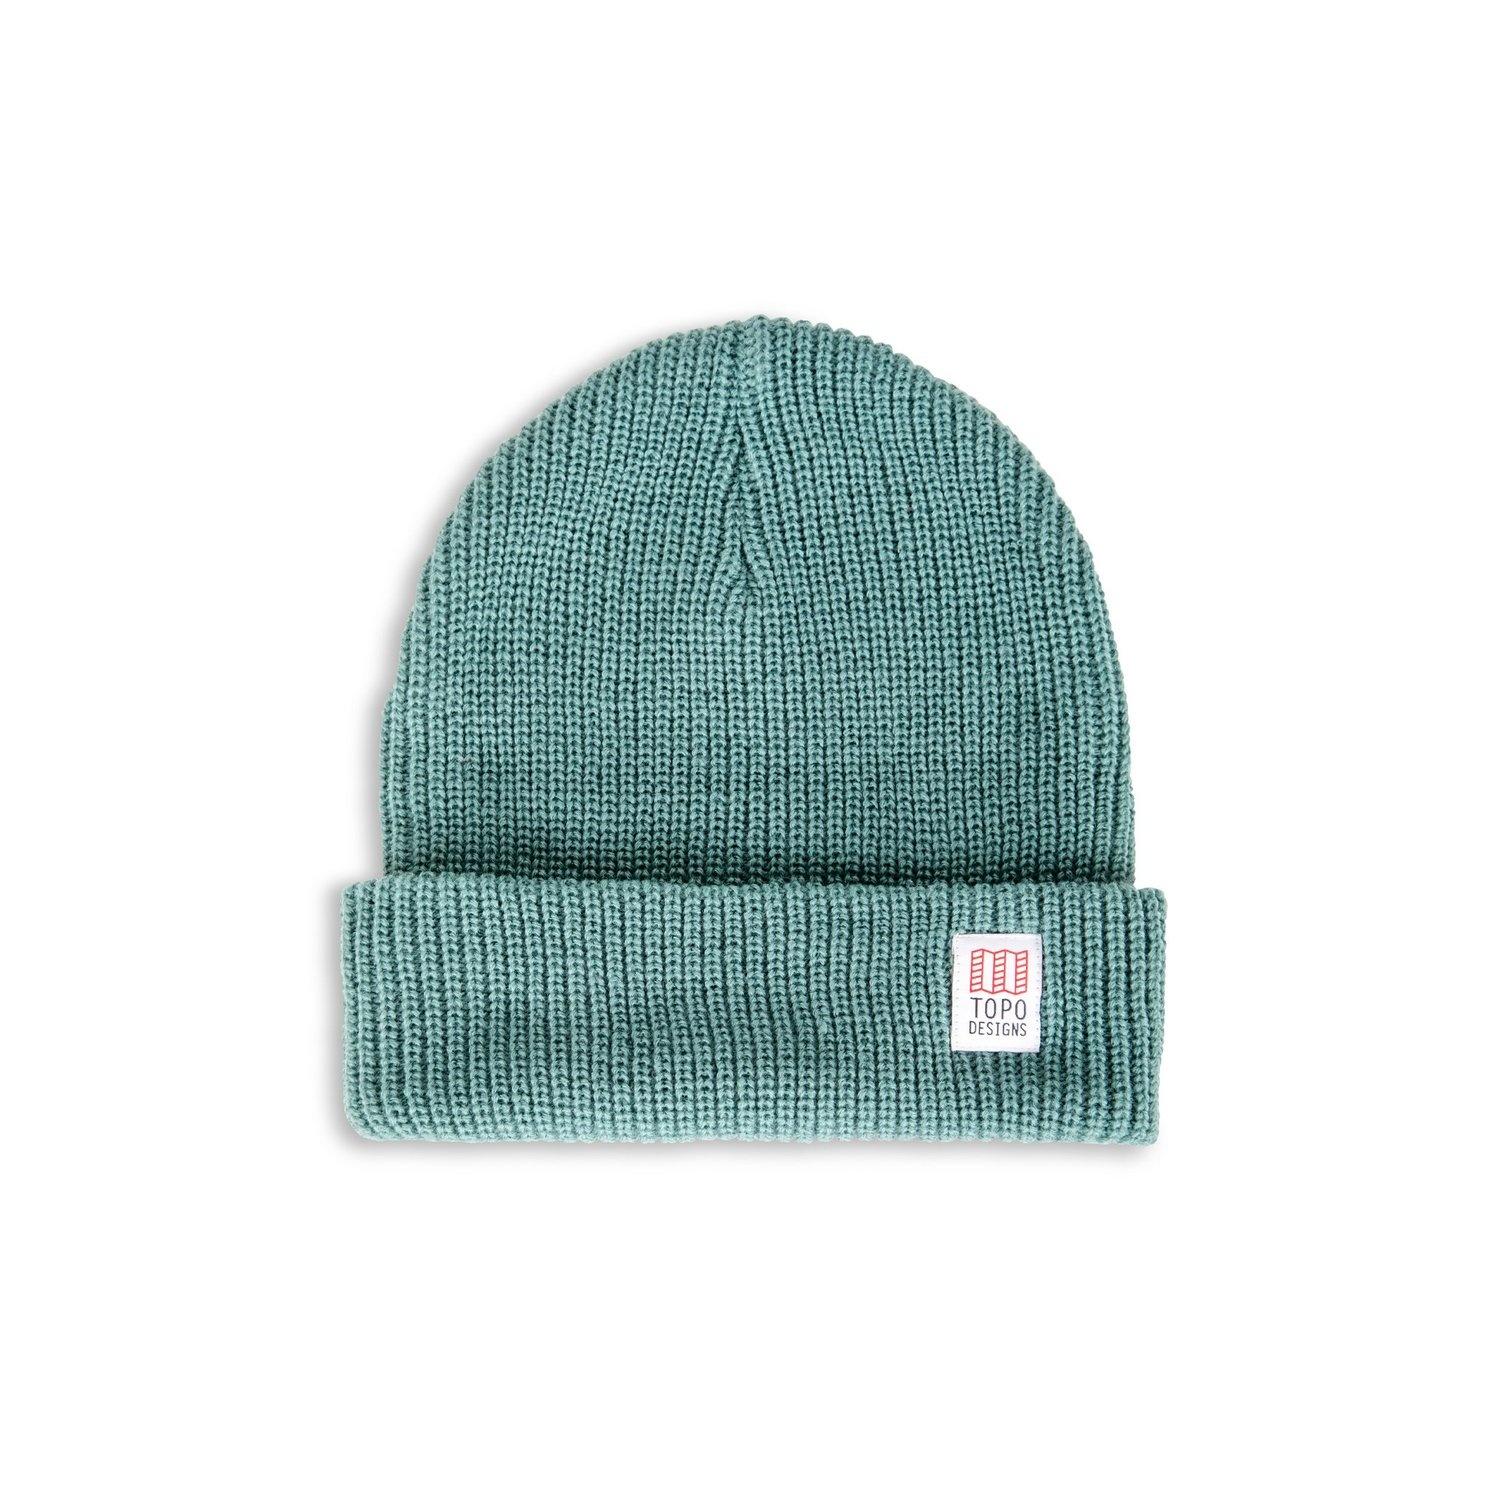 Topo Designs TOPO - Watch Cap (Slate)